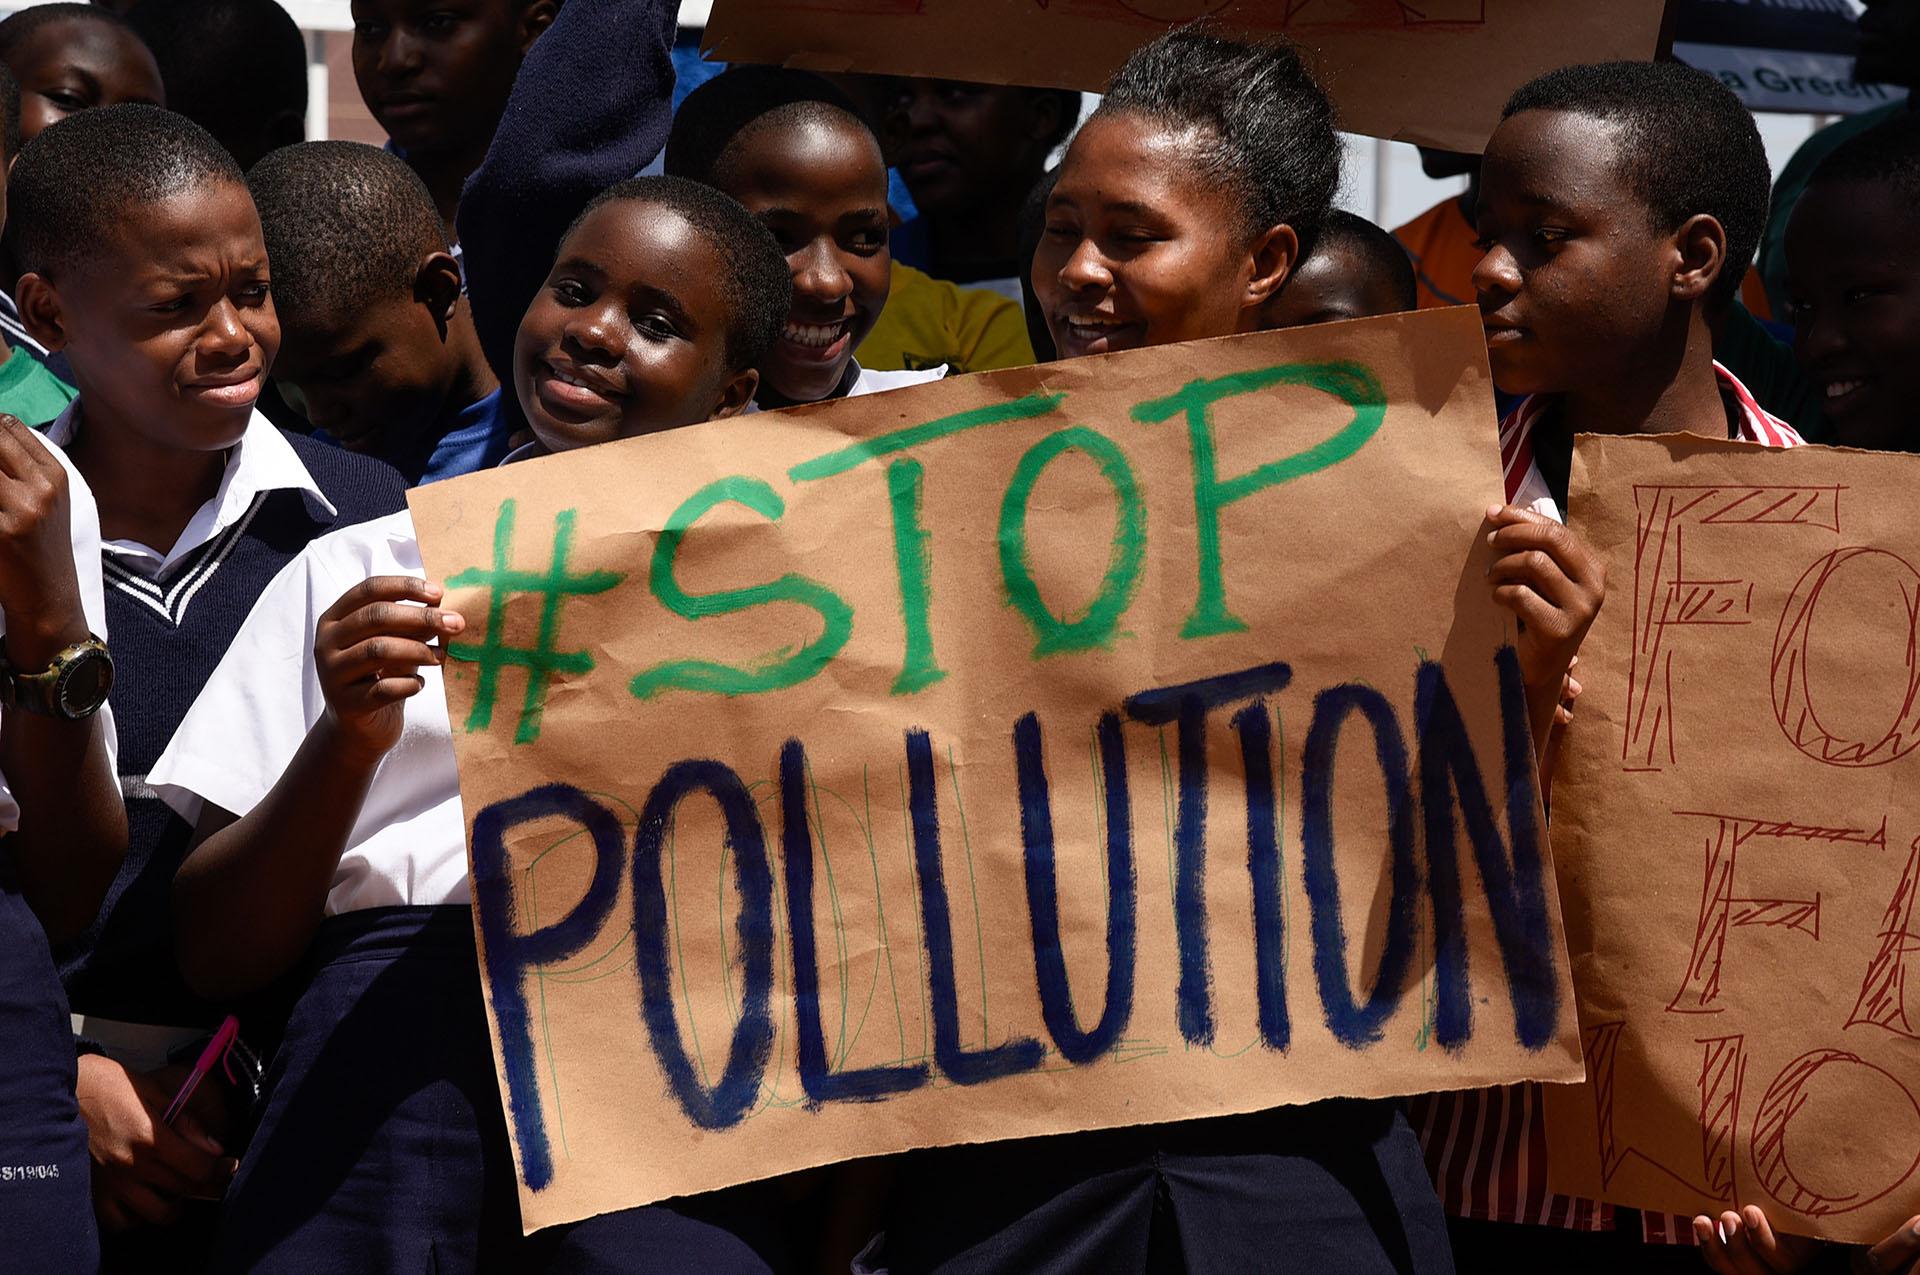 Los estudiantes sostienen pancartas durante una huelga como parte de un día mundial de protestas estudiantiles con el objetivo de incitar a los líderes mundiales a la acción sobre el cambio climático en la escuela cristiana joven de Najjanankumbi en Kampala, Uganda, el 15 de marzo de 2019. - Las protestas mundiales fueron inspiradas por un sueco activista adolescente, quien acampó frente al parlamento en Estocolmo el año pasado para exigir la acción de los líderes mundiales contra el calentamiento global. (Foto por Isaac Kasamani / AFP)